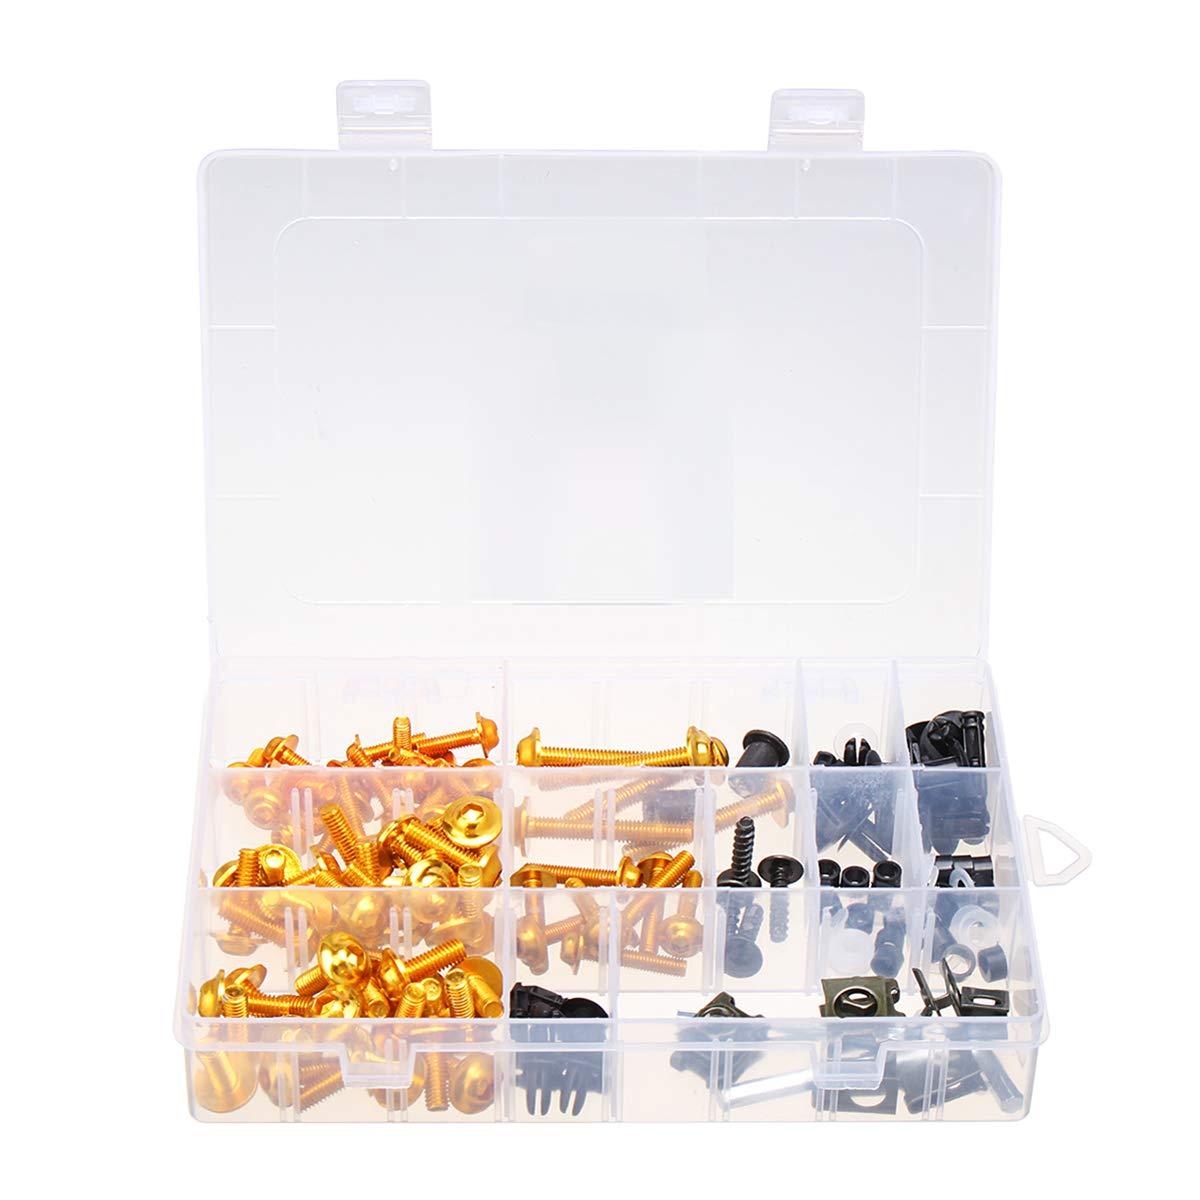 Viviance /Blakc//Gold Vollverkleidungsschraubens/ätze 134 St/ücke F/ür Honda Cbr600Rr Cbr900Rr Cbr1000Rr Cbr1100Xx Gold